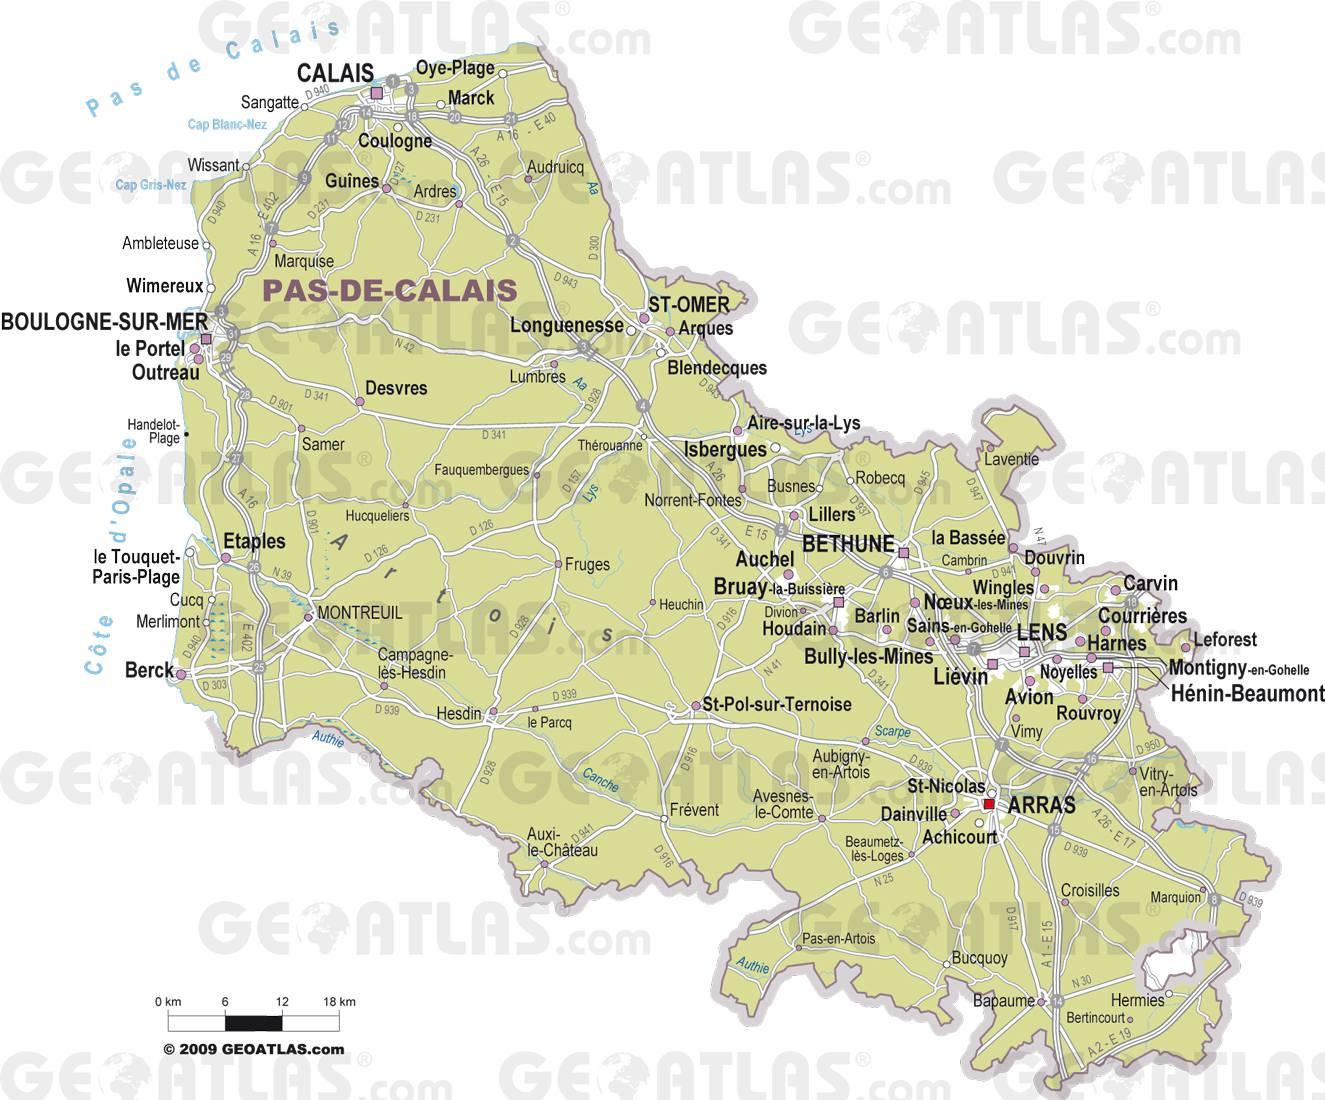 Carte des villes du Pas-de-Calais